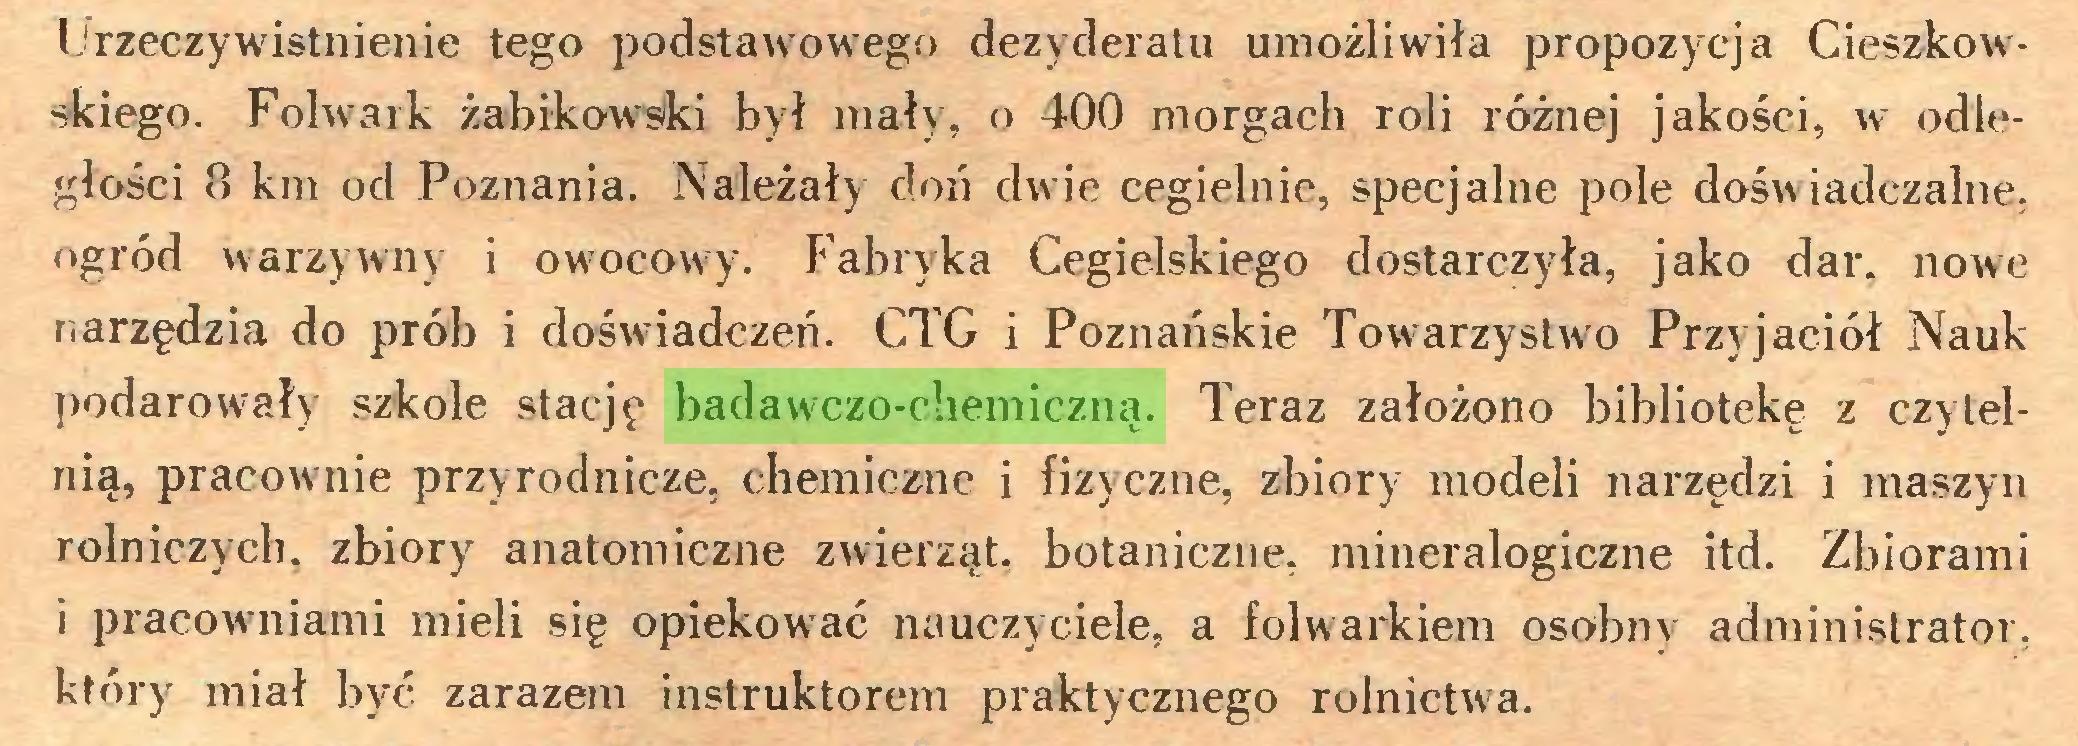 (...) Ijrzeczywistnienie tego podstawowego dezyderatu umożliwiła propozycja Cieszkowskiego. Folwark żabikowsiki był mały, o 400 morgach roli różnej jakości, w odległości 8 km od Poznania. Należały doń dwie cegielnie, specjalne pole dośw iadczalne, ogród warzywny i owocowry. Fabryka Cegielskiego dostarczyła, jako dar. nowe narzędzia do prób i doświadczeń. CTG i Poznańskie Towarzystwa Przyjaciół Nauk podarowały szkole stację badawczo-chemiczną. Teraz założono bibliotekę z czytelnią, pracownie przyrodnicze, chemiczne i fizyczne, zbiory modeli narzędzi i maszyn rolniczych, zbiory anatomiczne zwierząt, botaniczne, mineralogiczne itd. Zbiorami i pracowniami mieli się opiekować nauczyciele, a folwarkiem osobny administrator, który miał być zarazem instruktorem praktycznego rolnictwa...